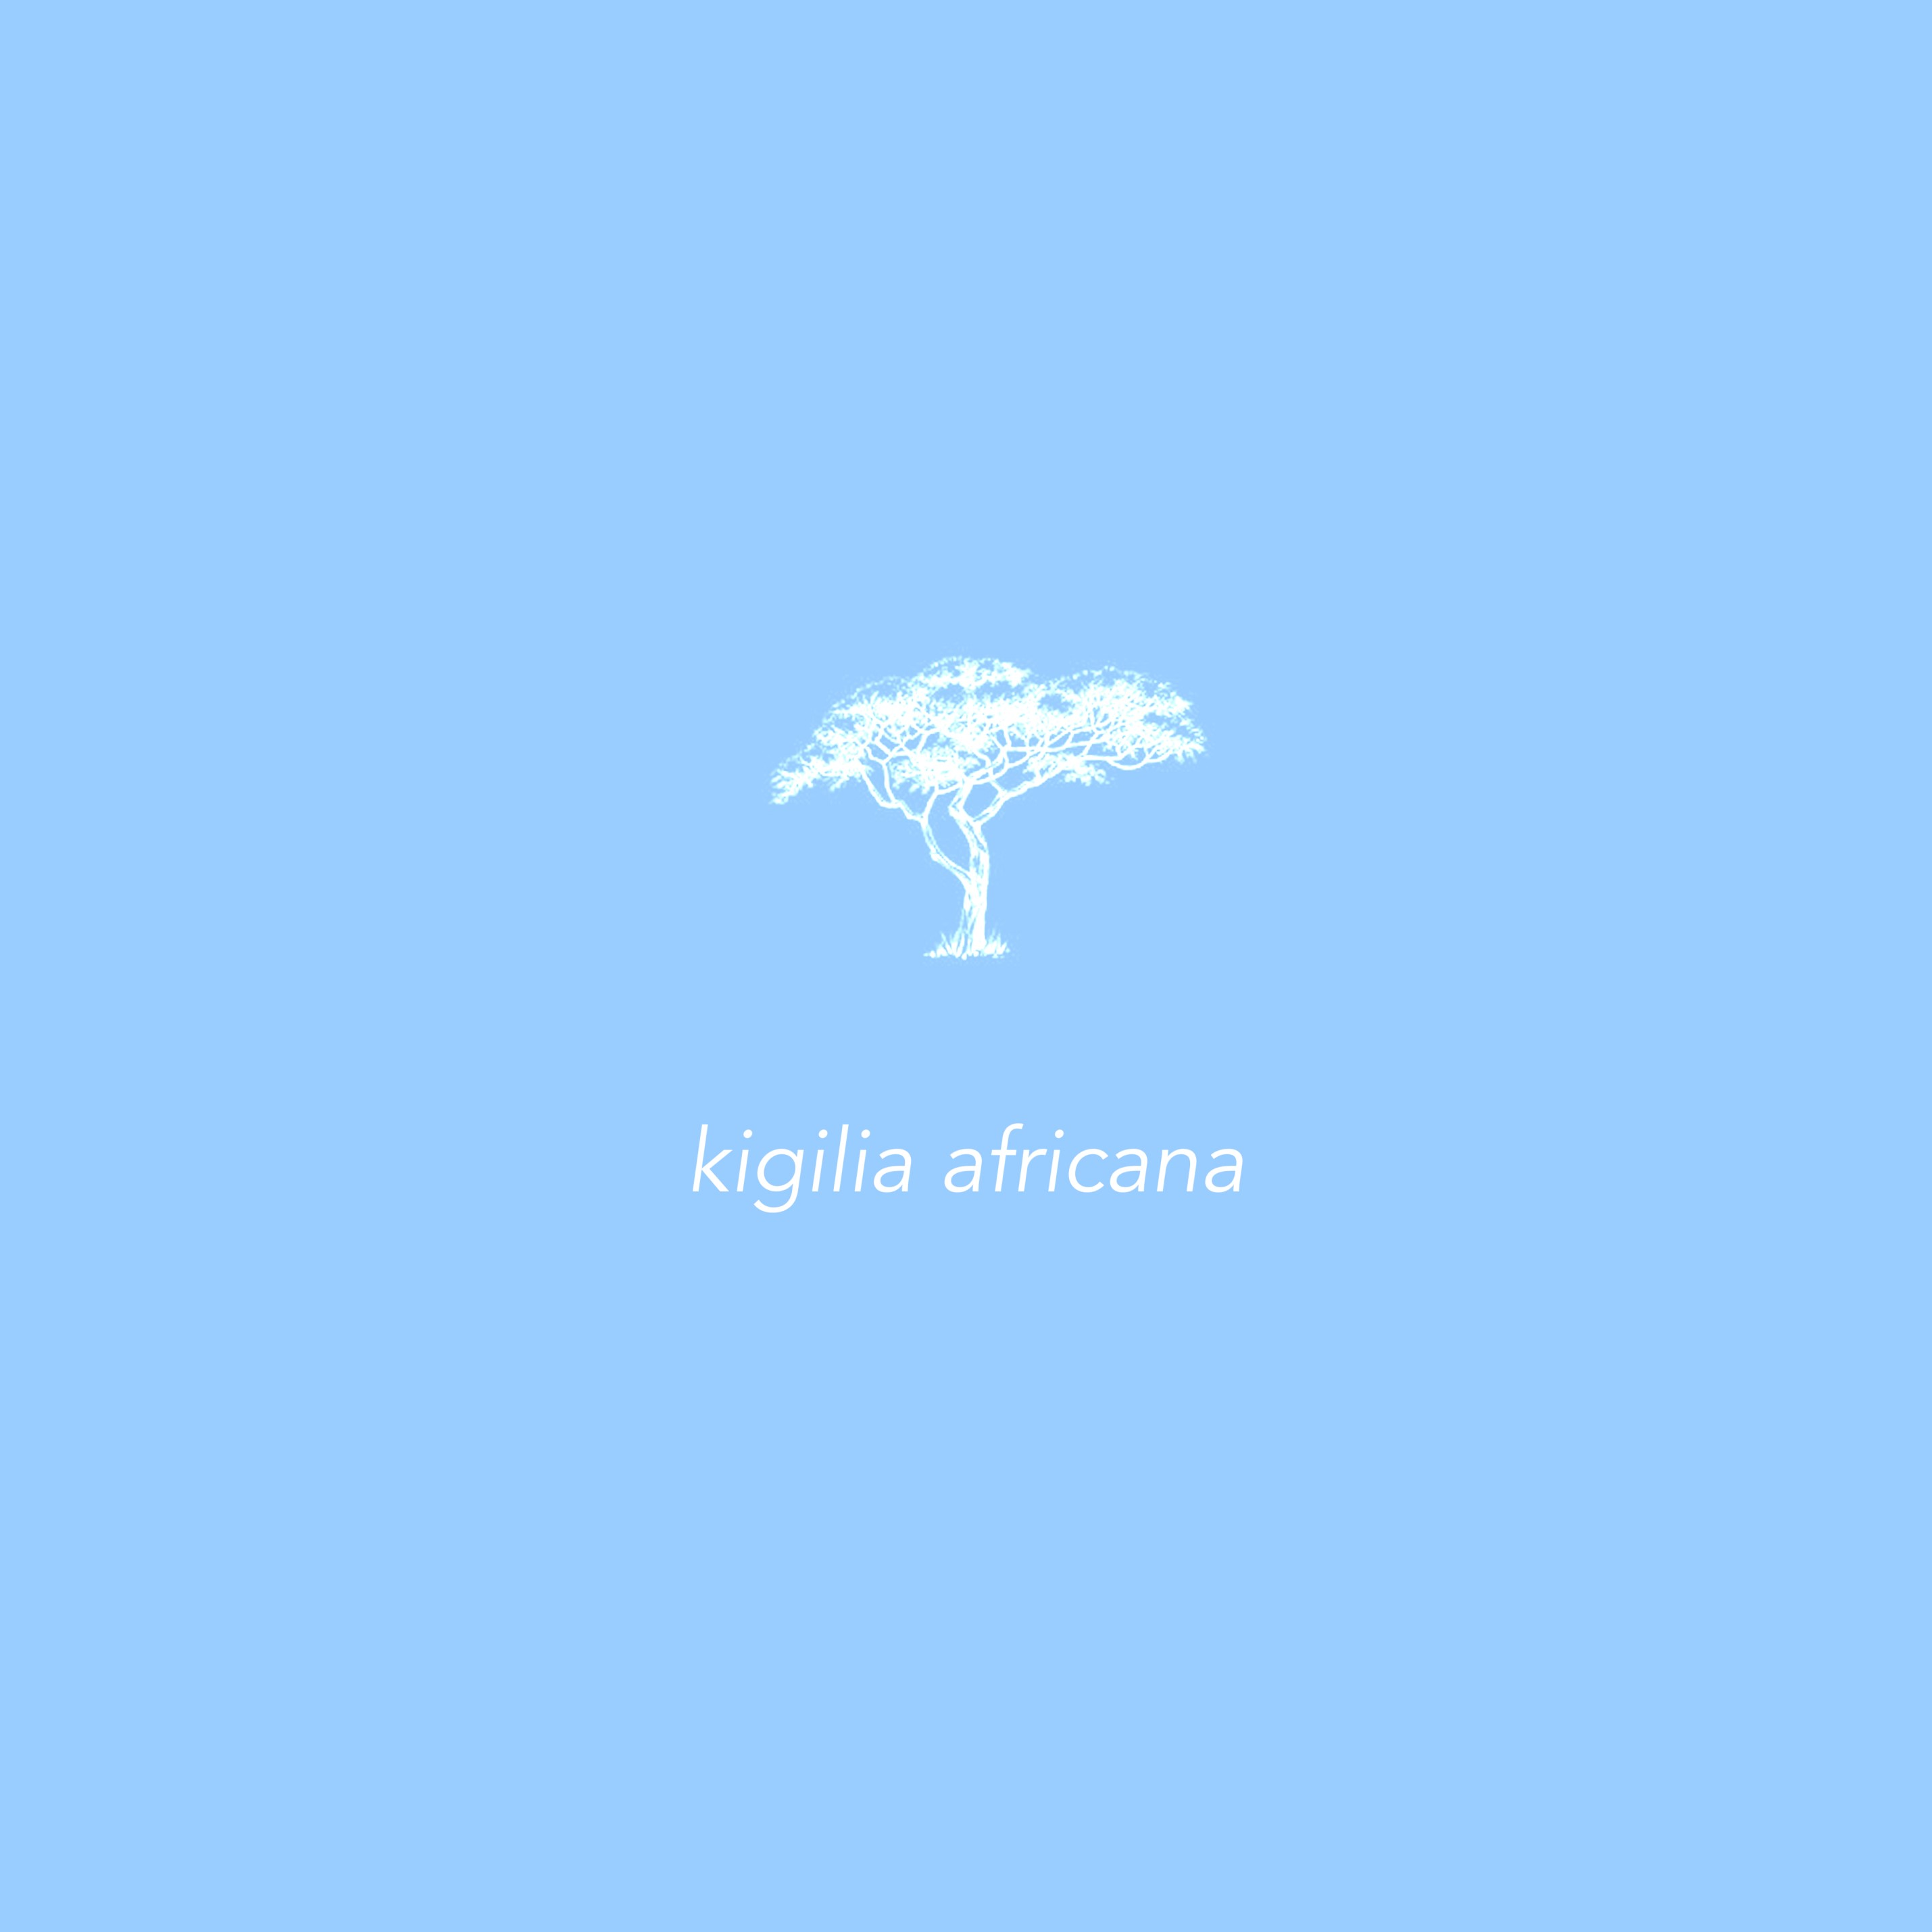 Kigelia Africana Product image